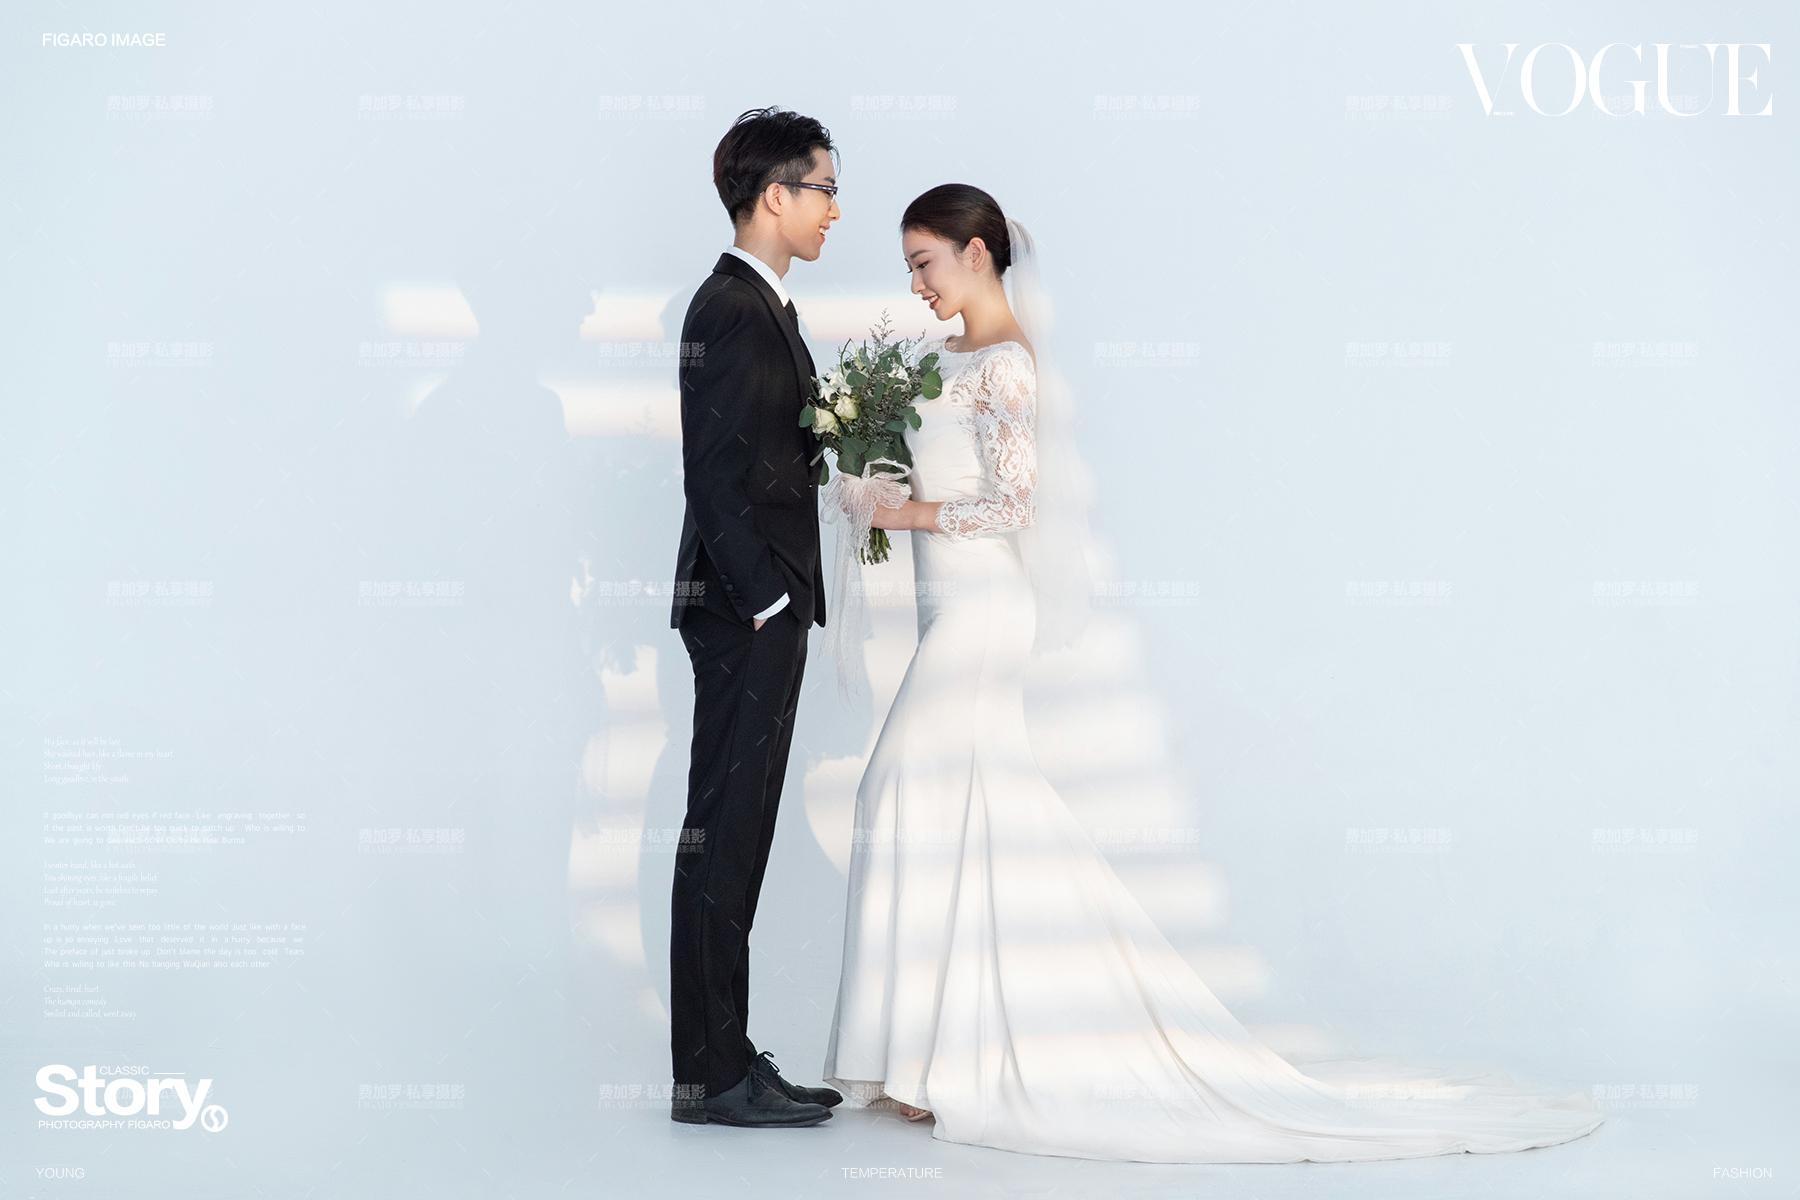 周黎明&刘容南